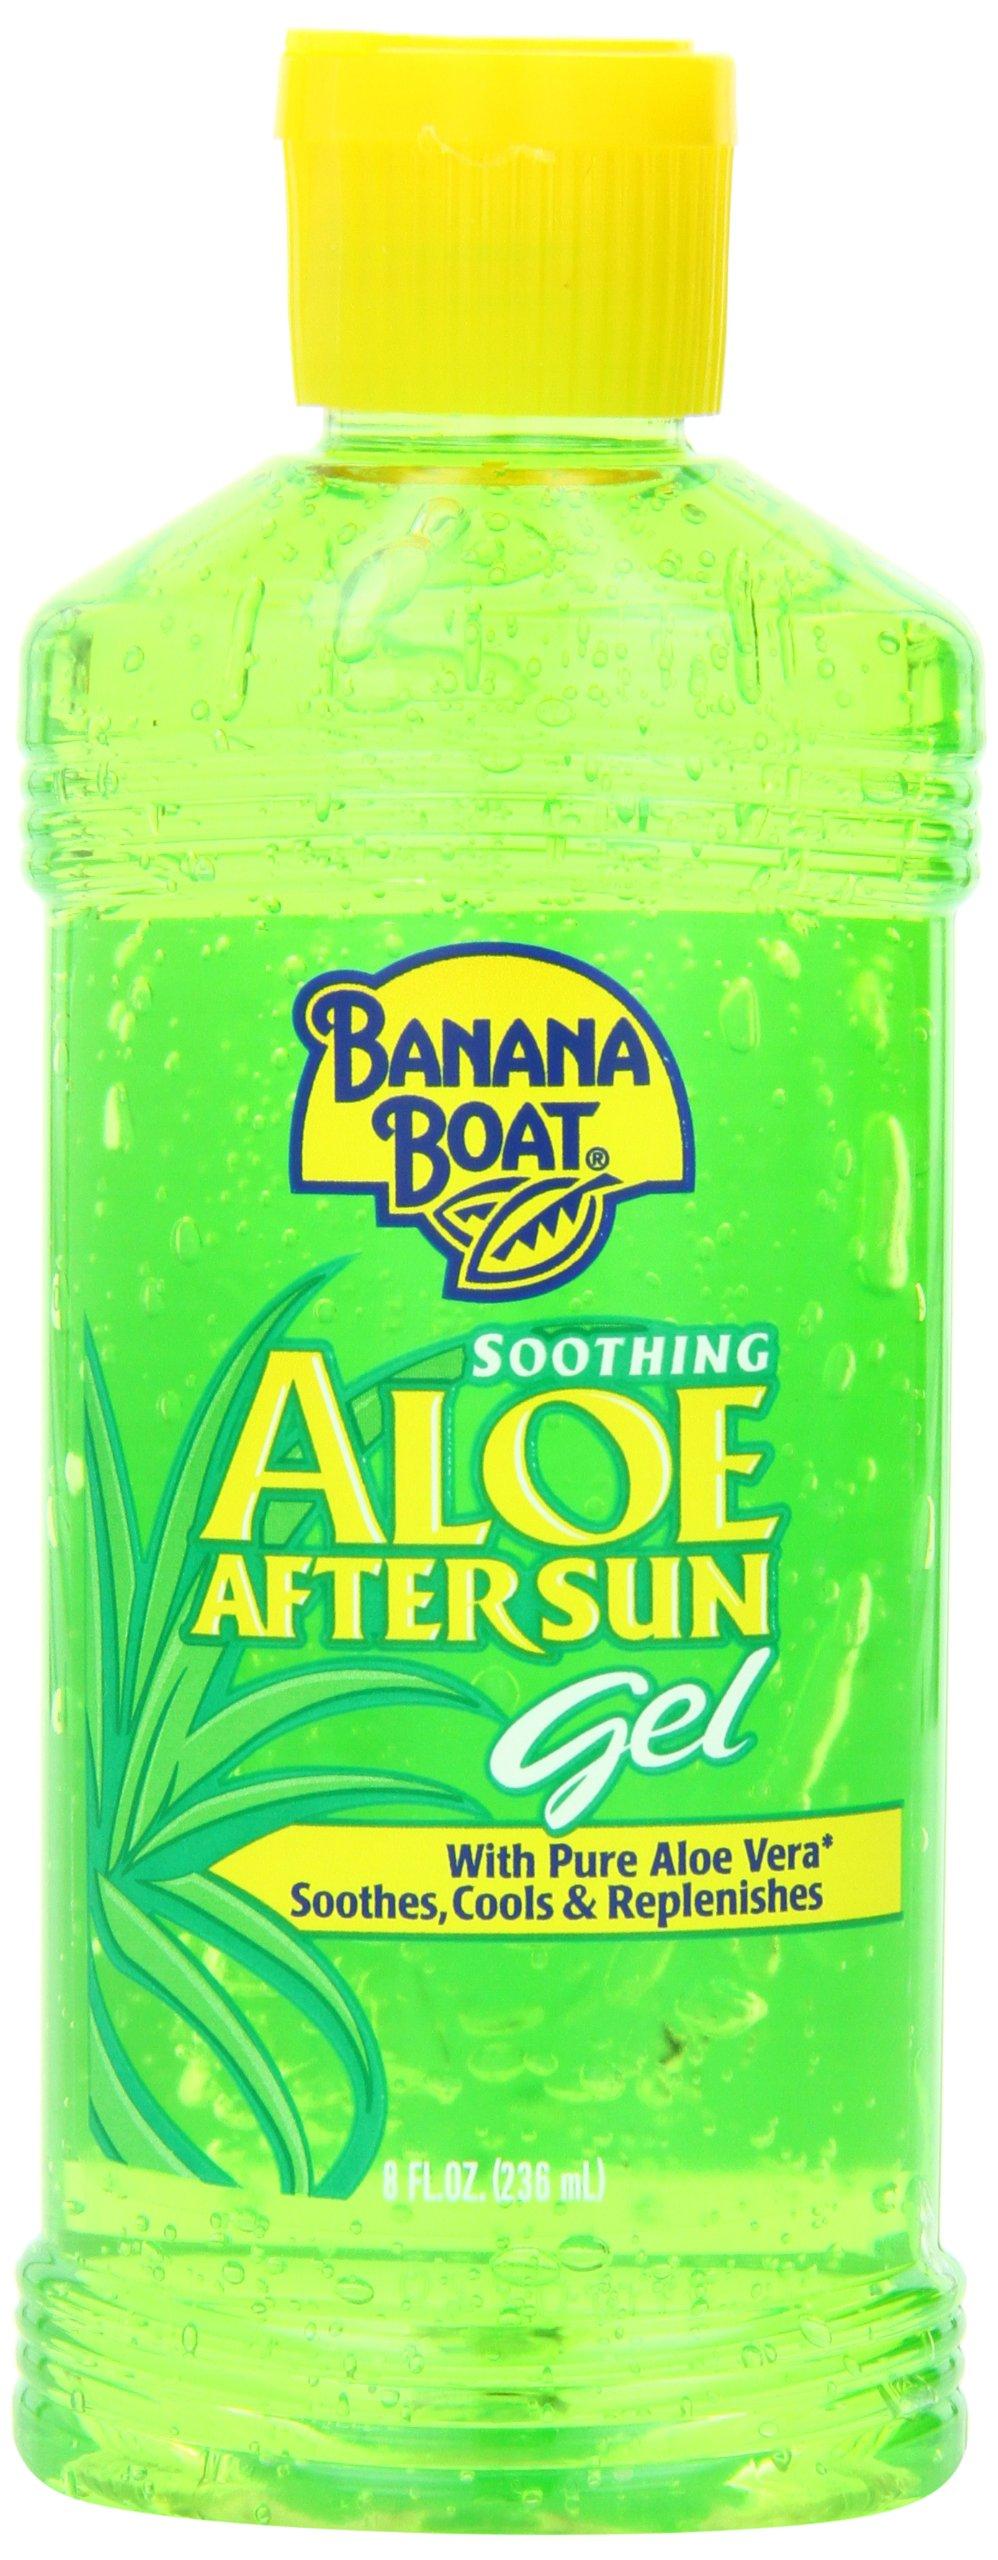 Banana Boat Aloe Vera Sun Burn Relief Sun Care After Sun Gel - 8 Ounce (Pack of 4) by Banana Boat